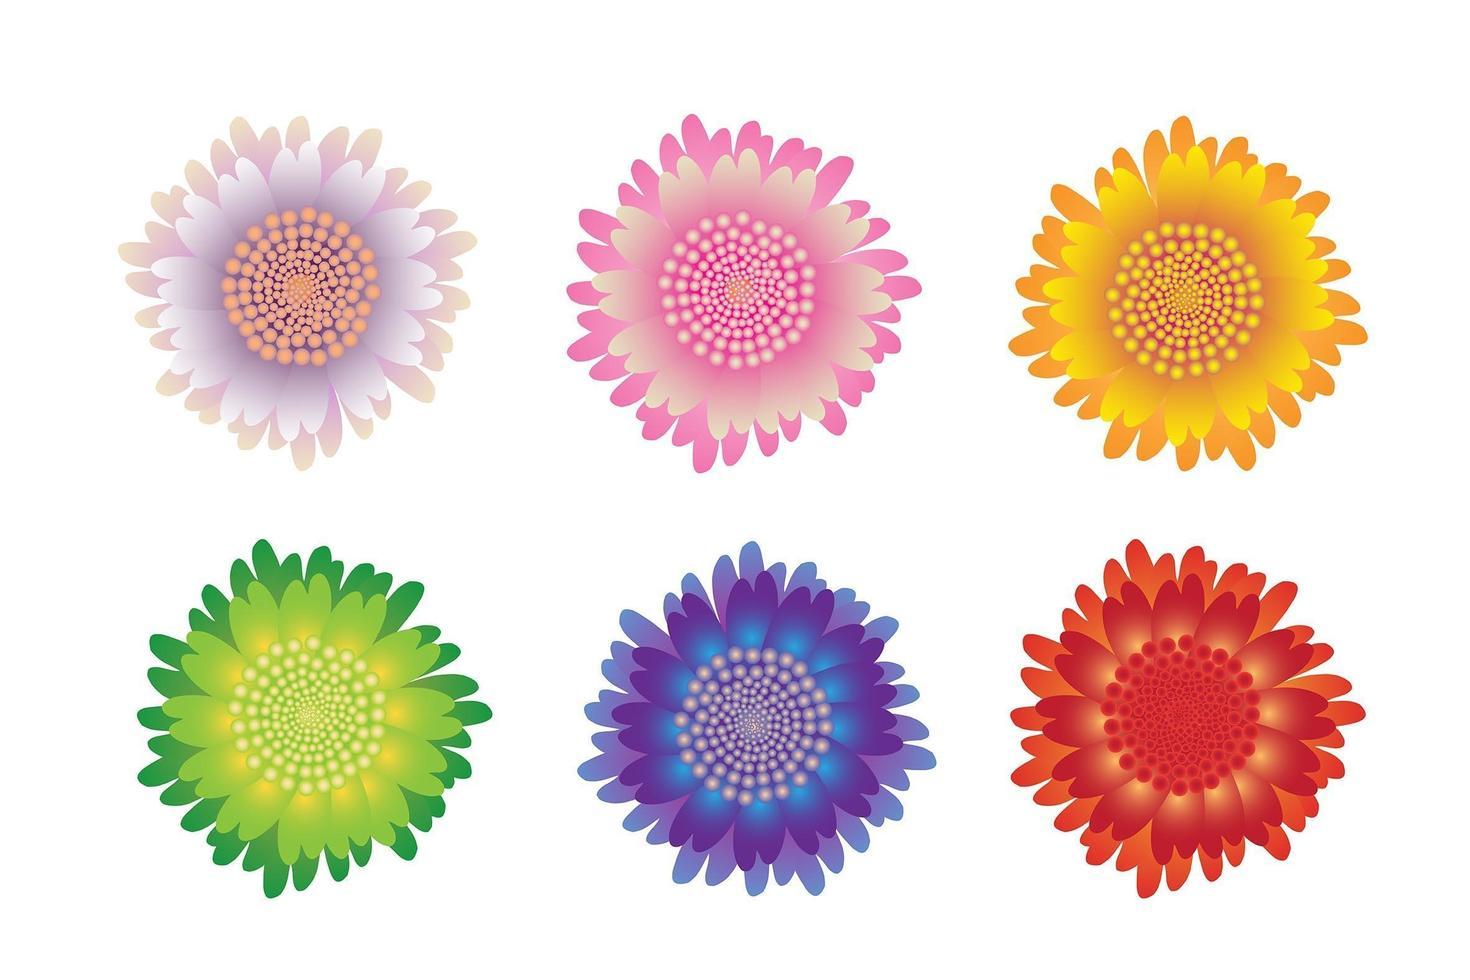 vackra blommor vektor